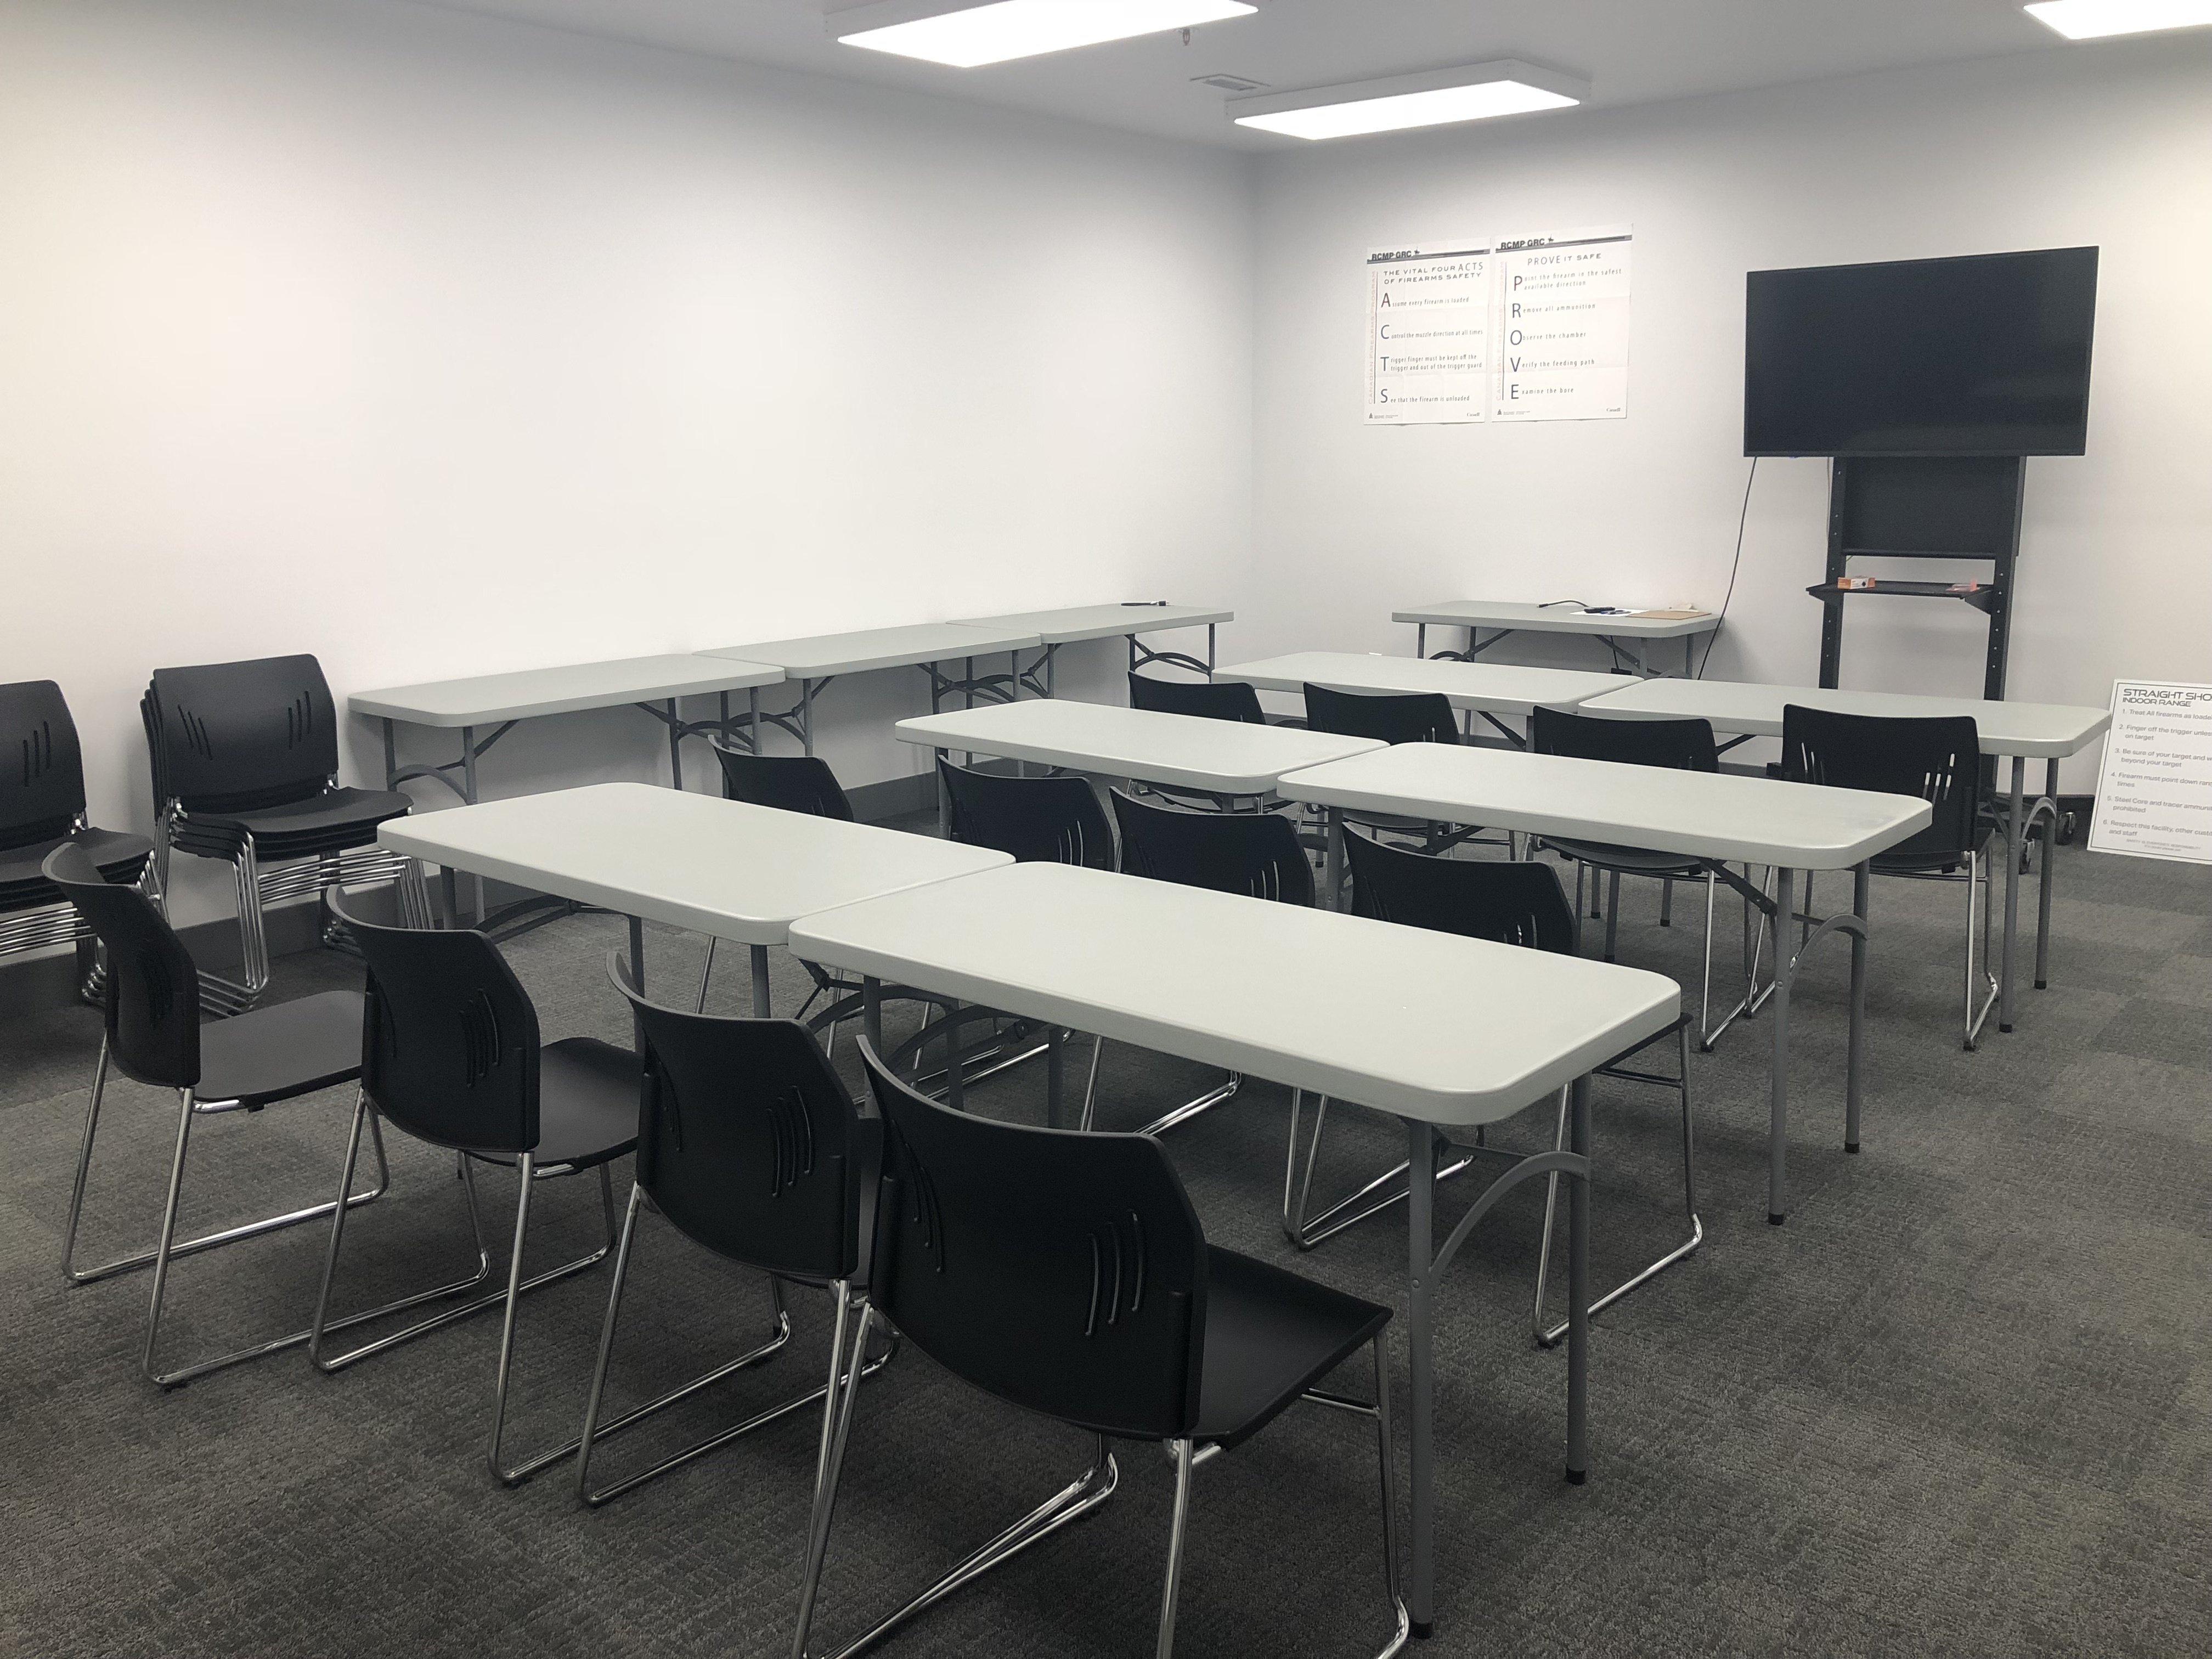 https://0901.nccdn.net/4_2/000/000/017/e75/Classroom-IMG-4032x3024.jpg